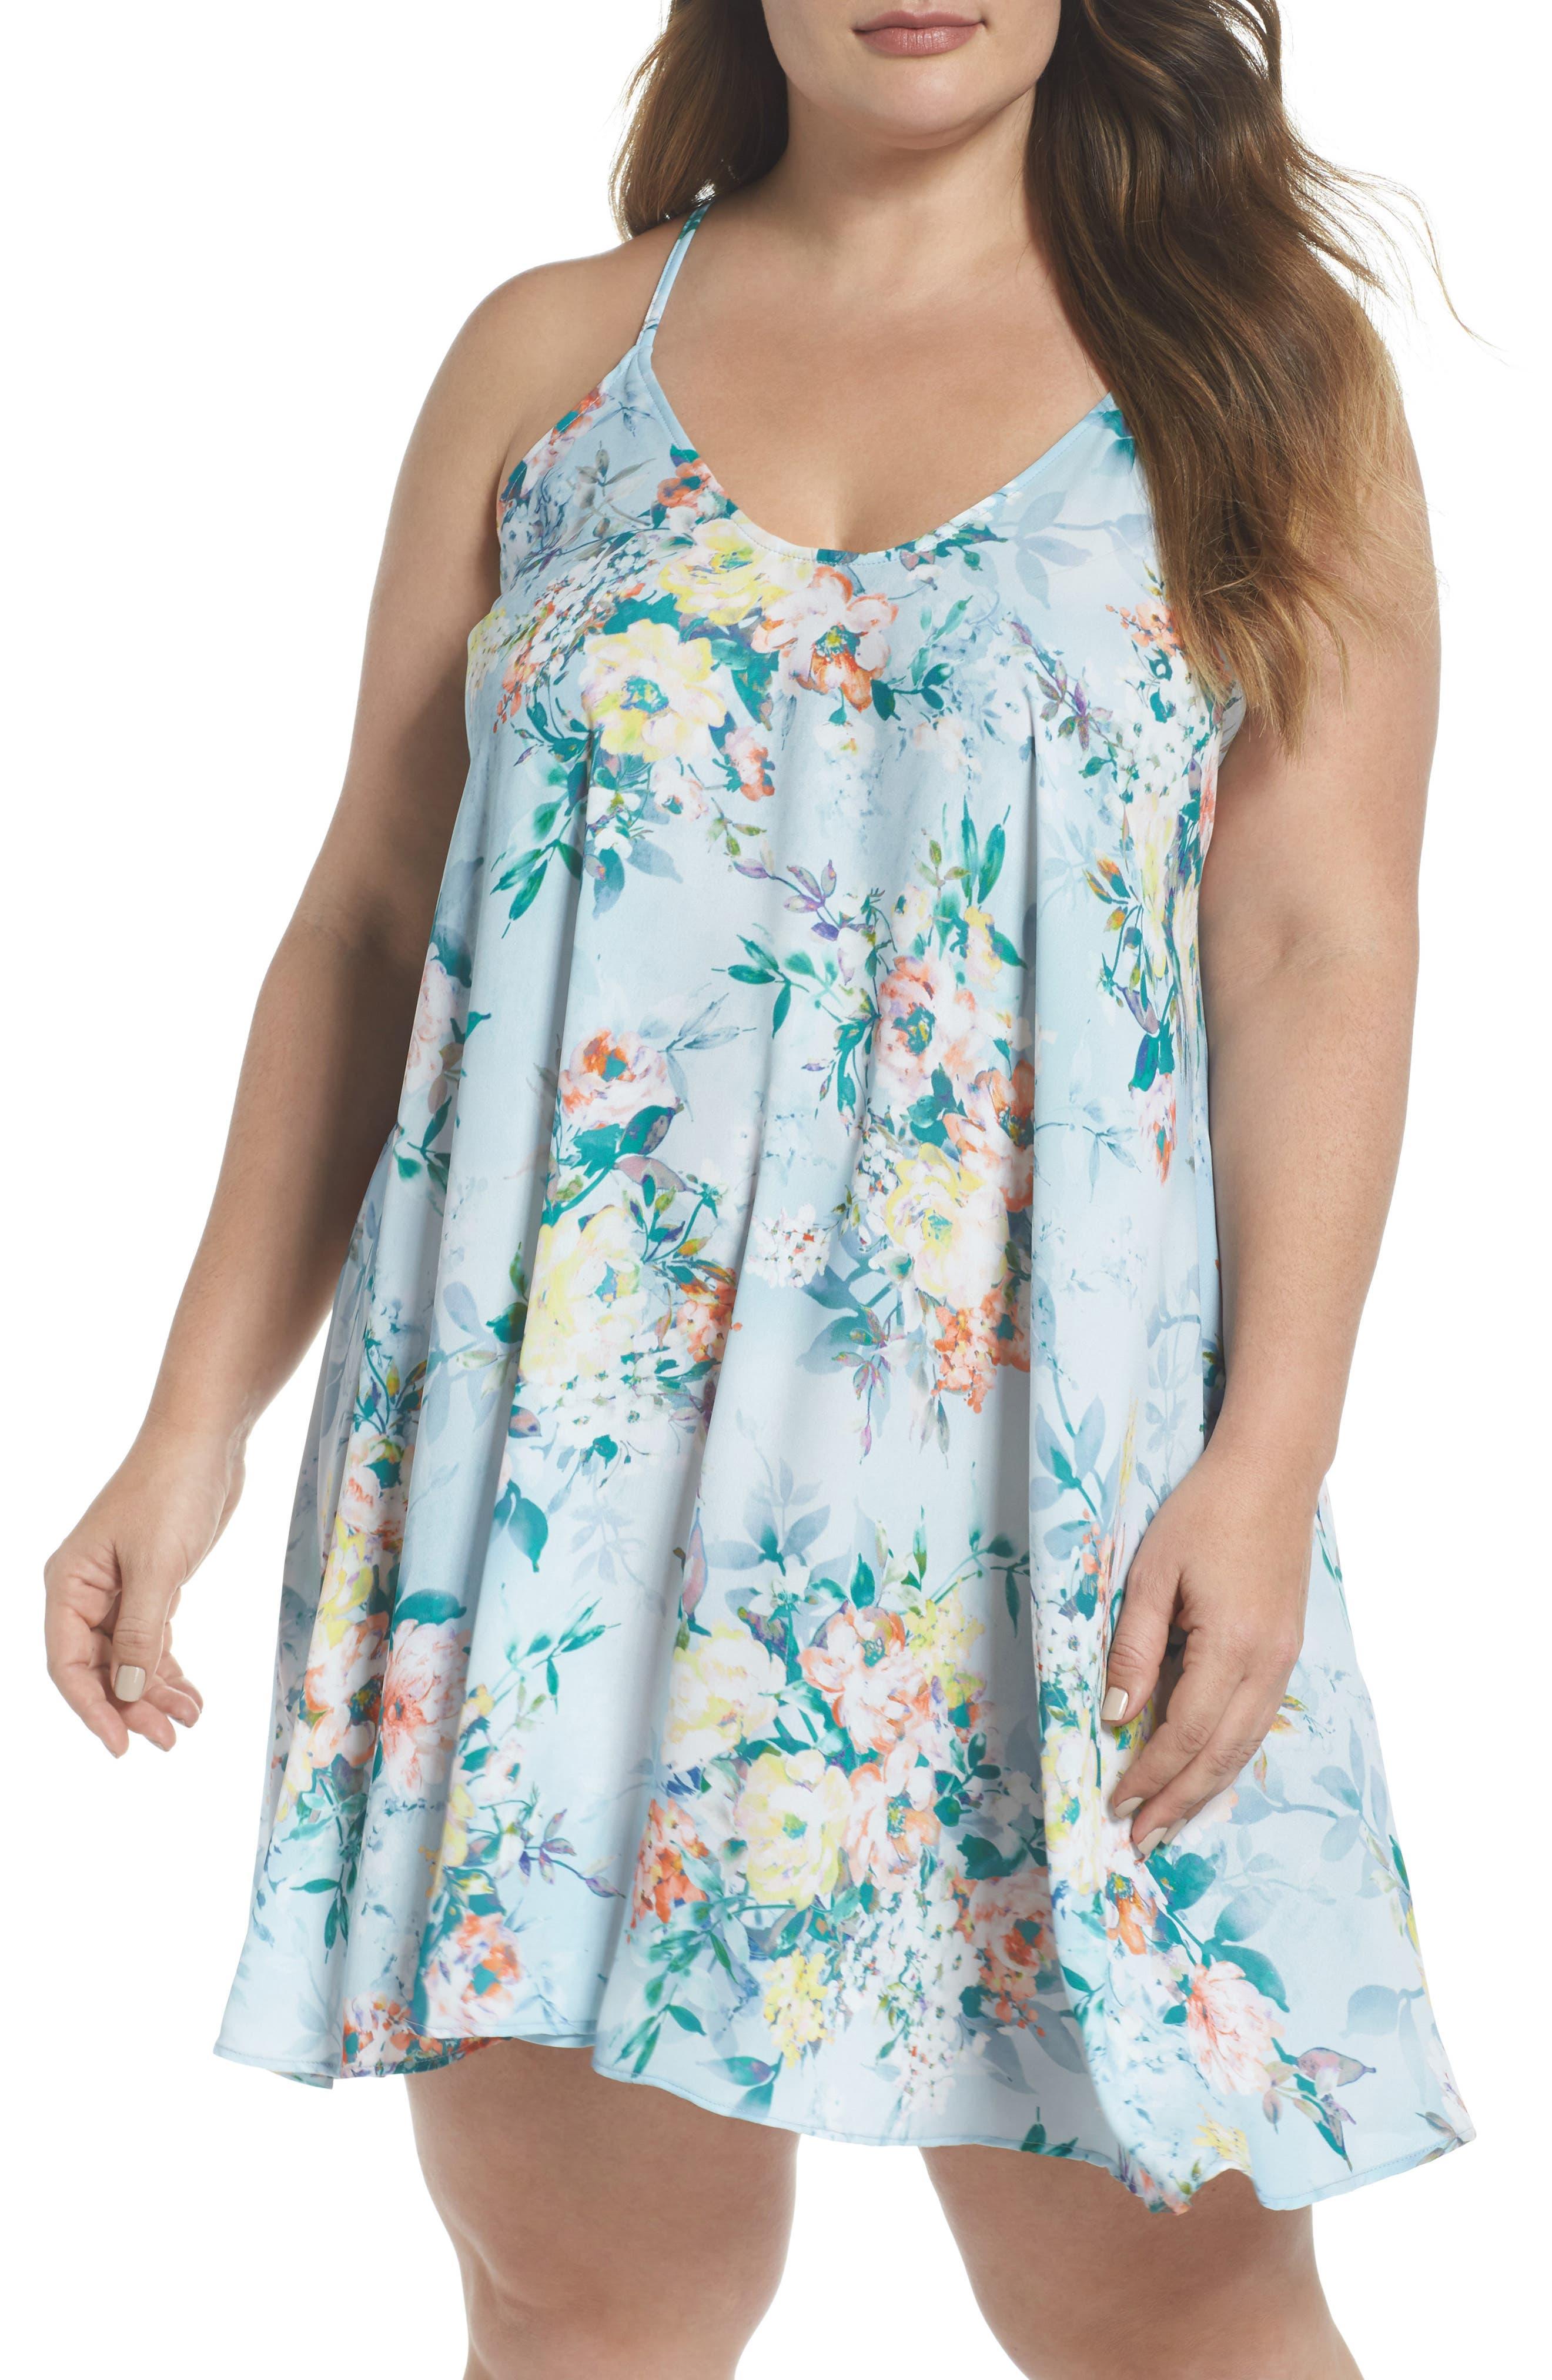 Femme Flora Cover-Up Dress,                             Main thumbnail 1, color,                             Blue Multi